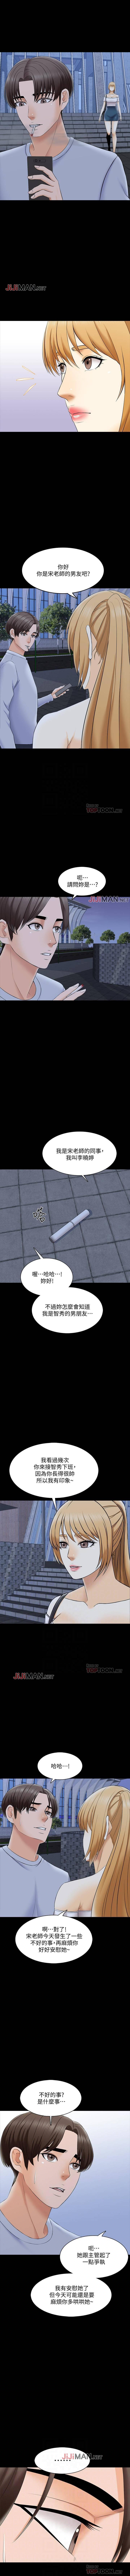 【周一连载】家教老师(作者: CreamMedia) 第1~44话 186